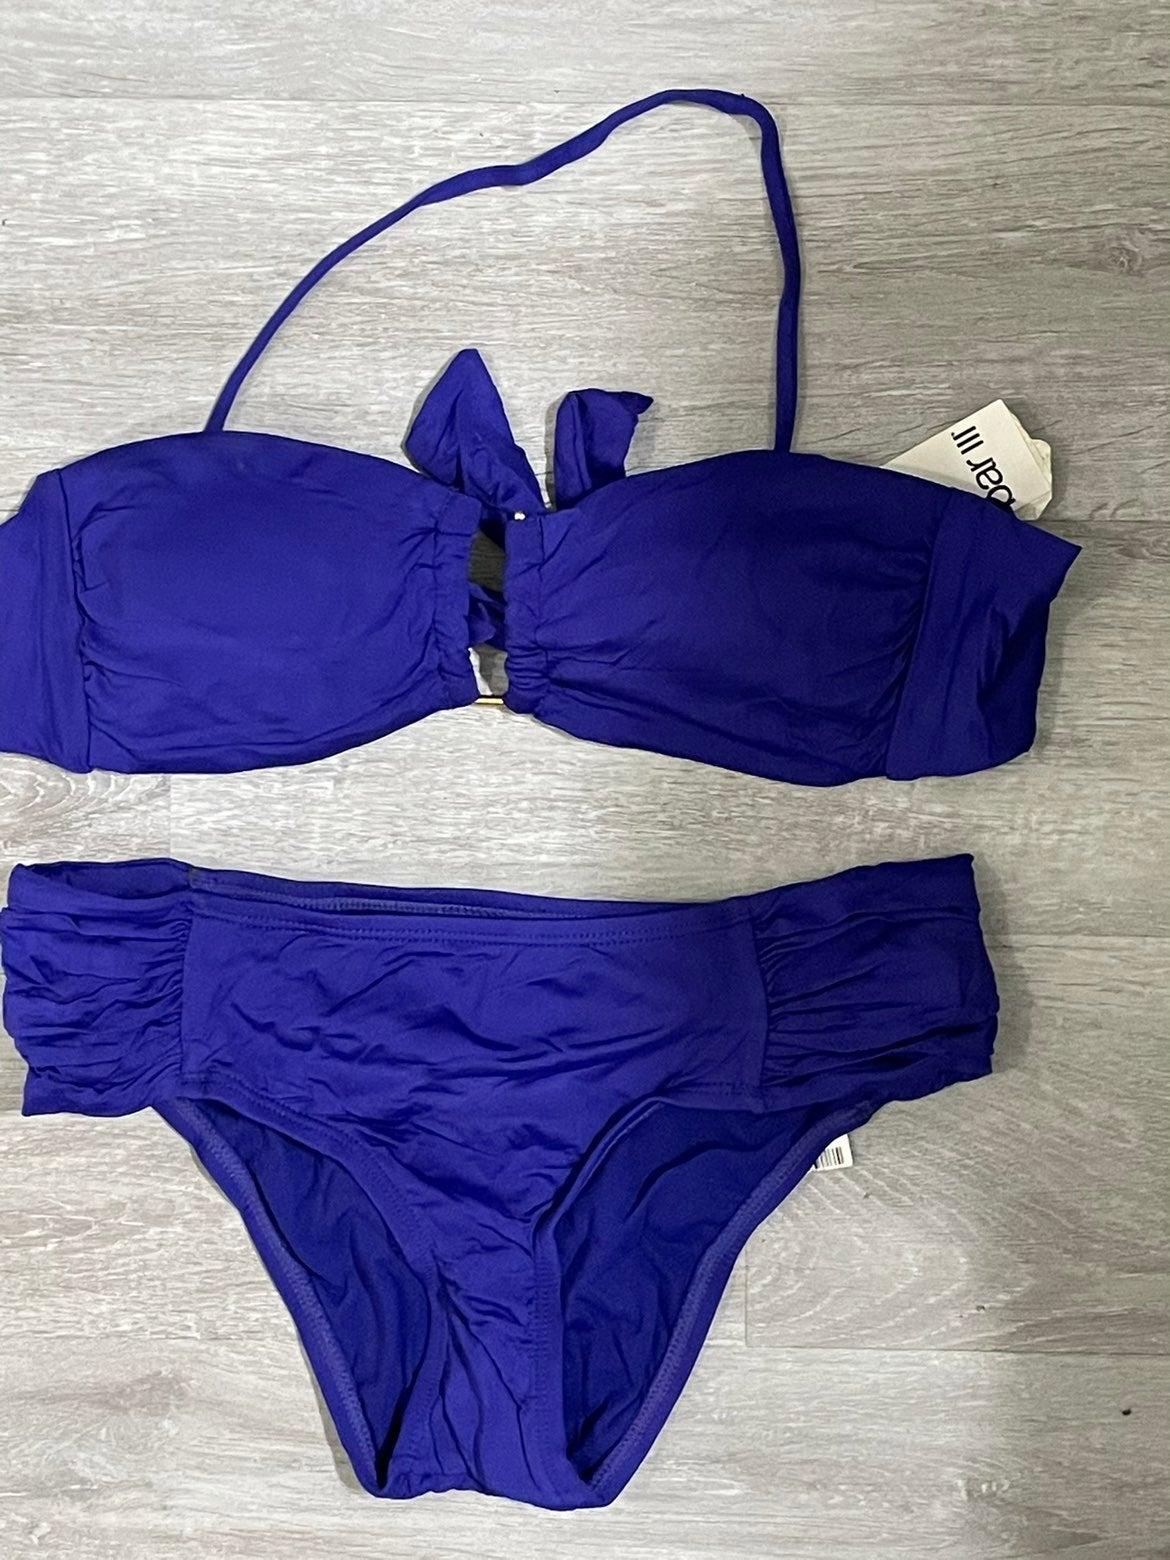 Pretty Blue Bikini